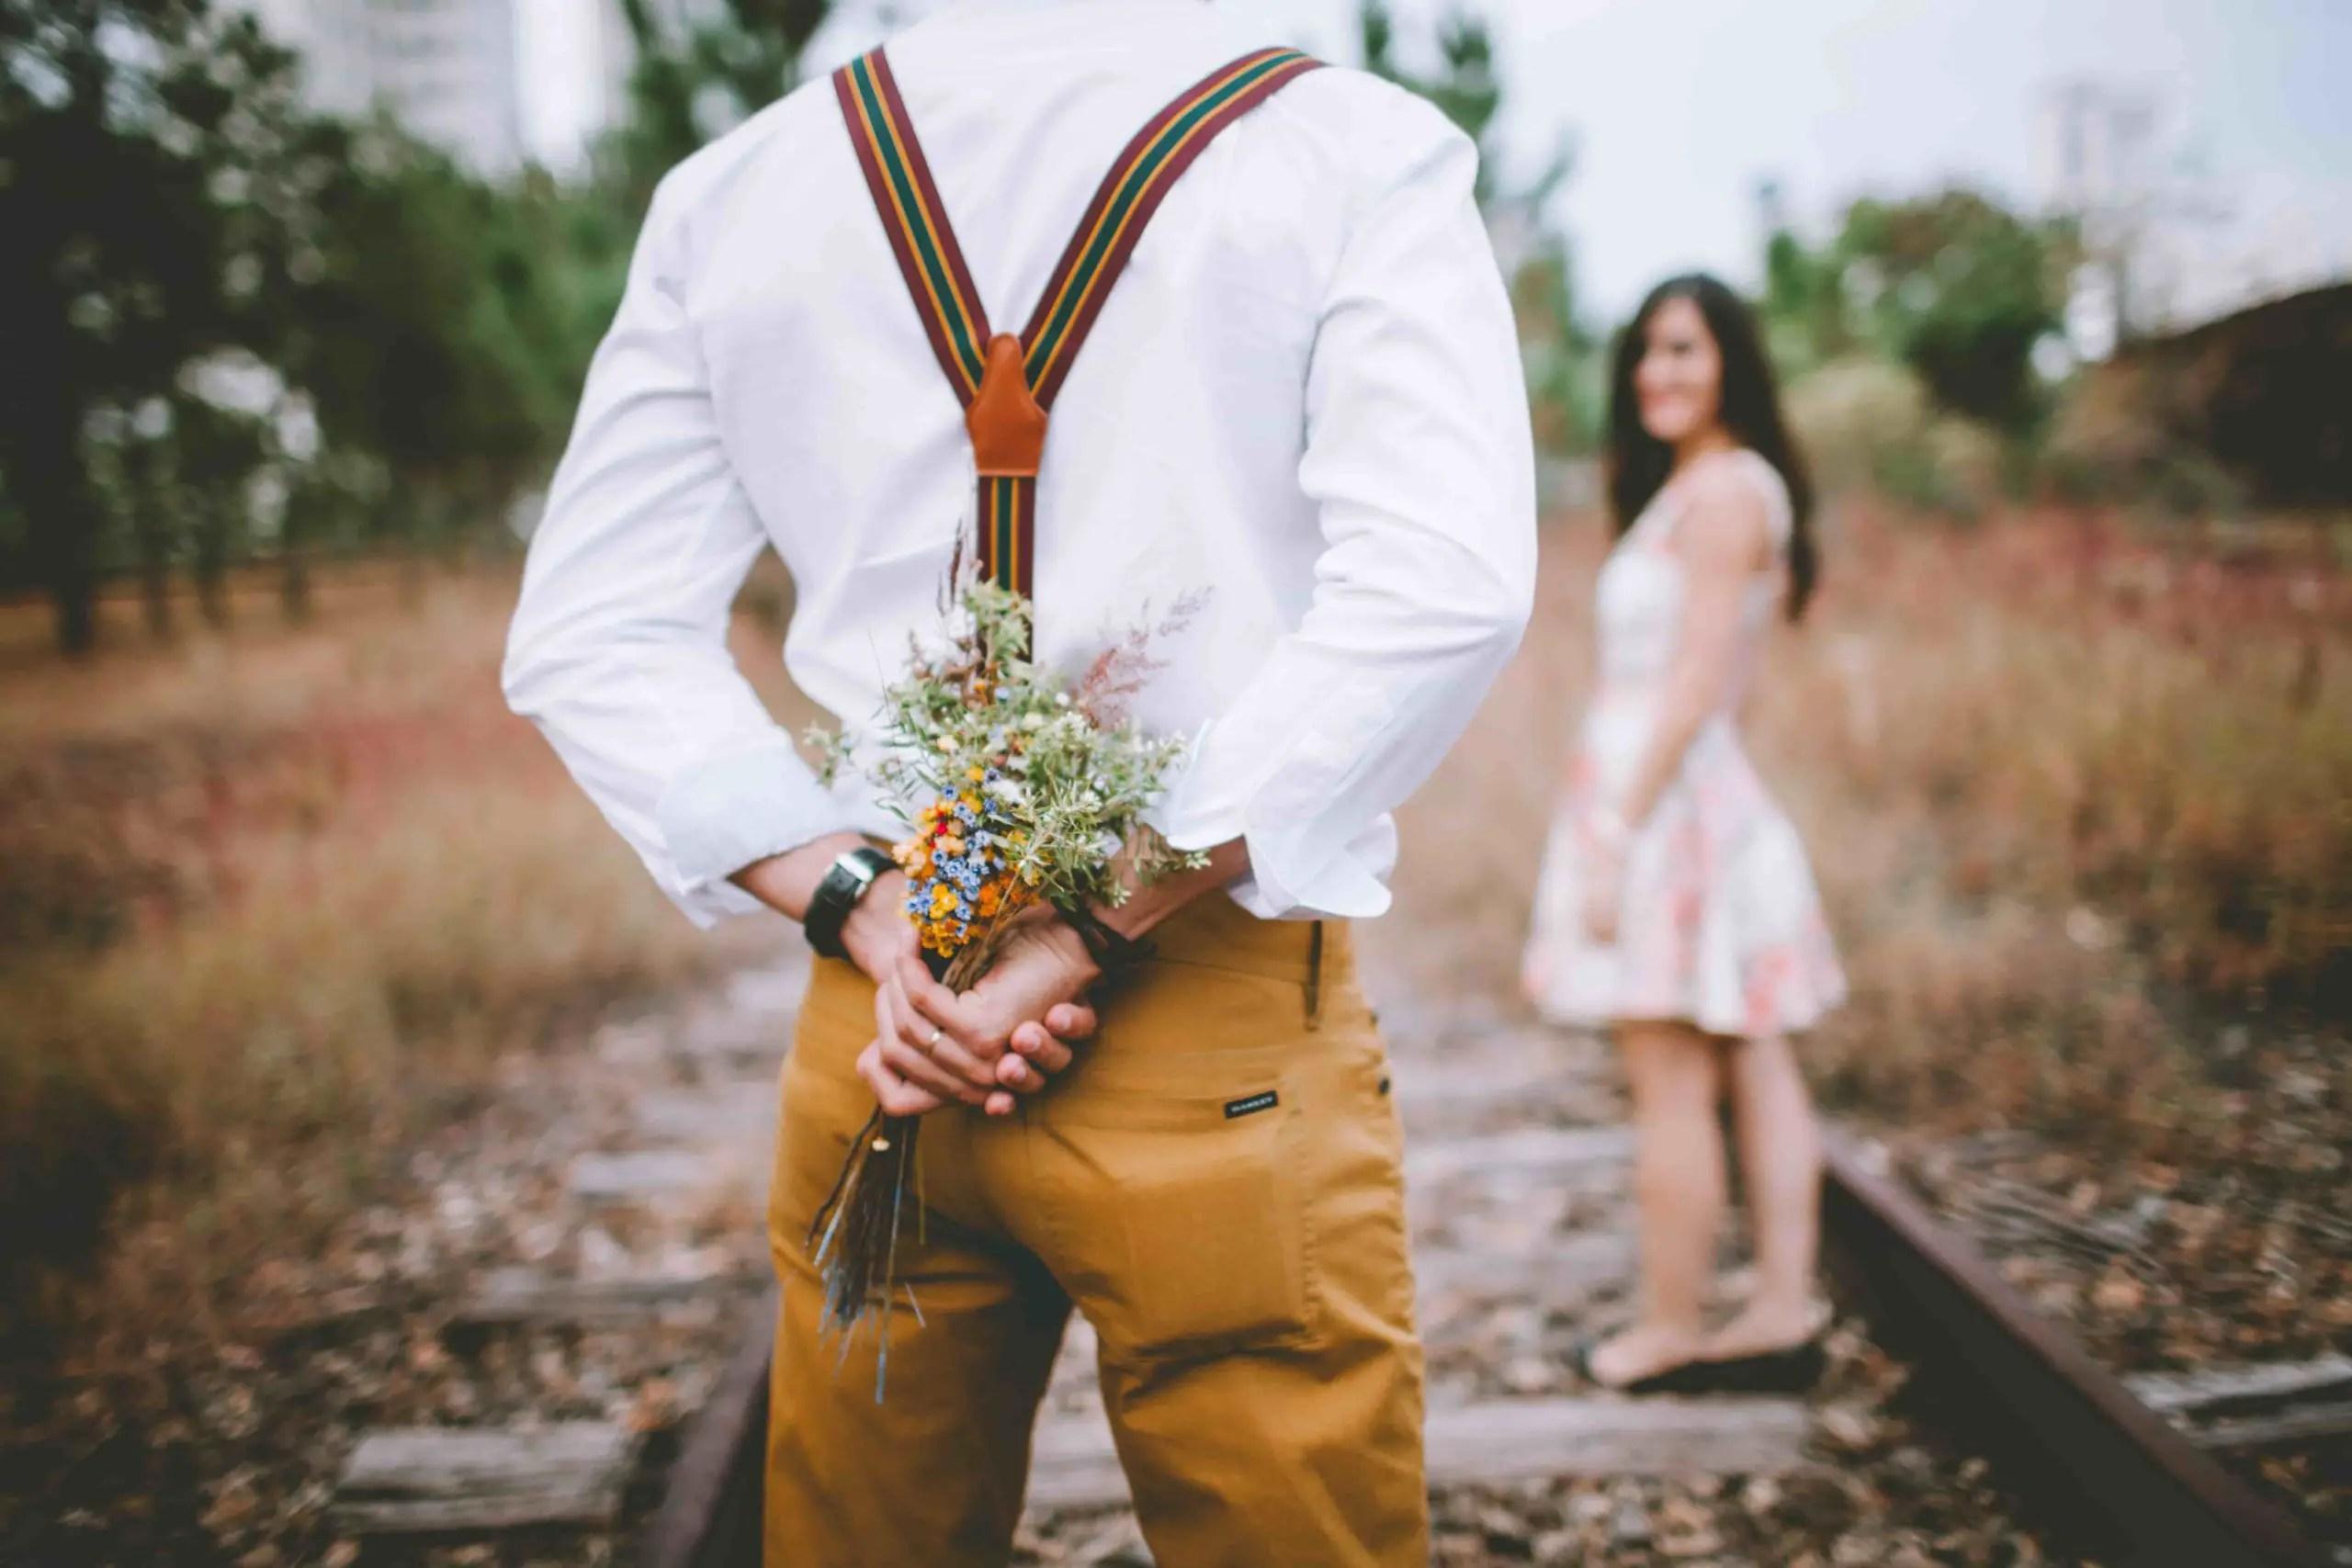 Förlovning - Allt du behöver veta